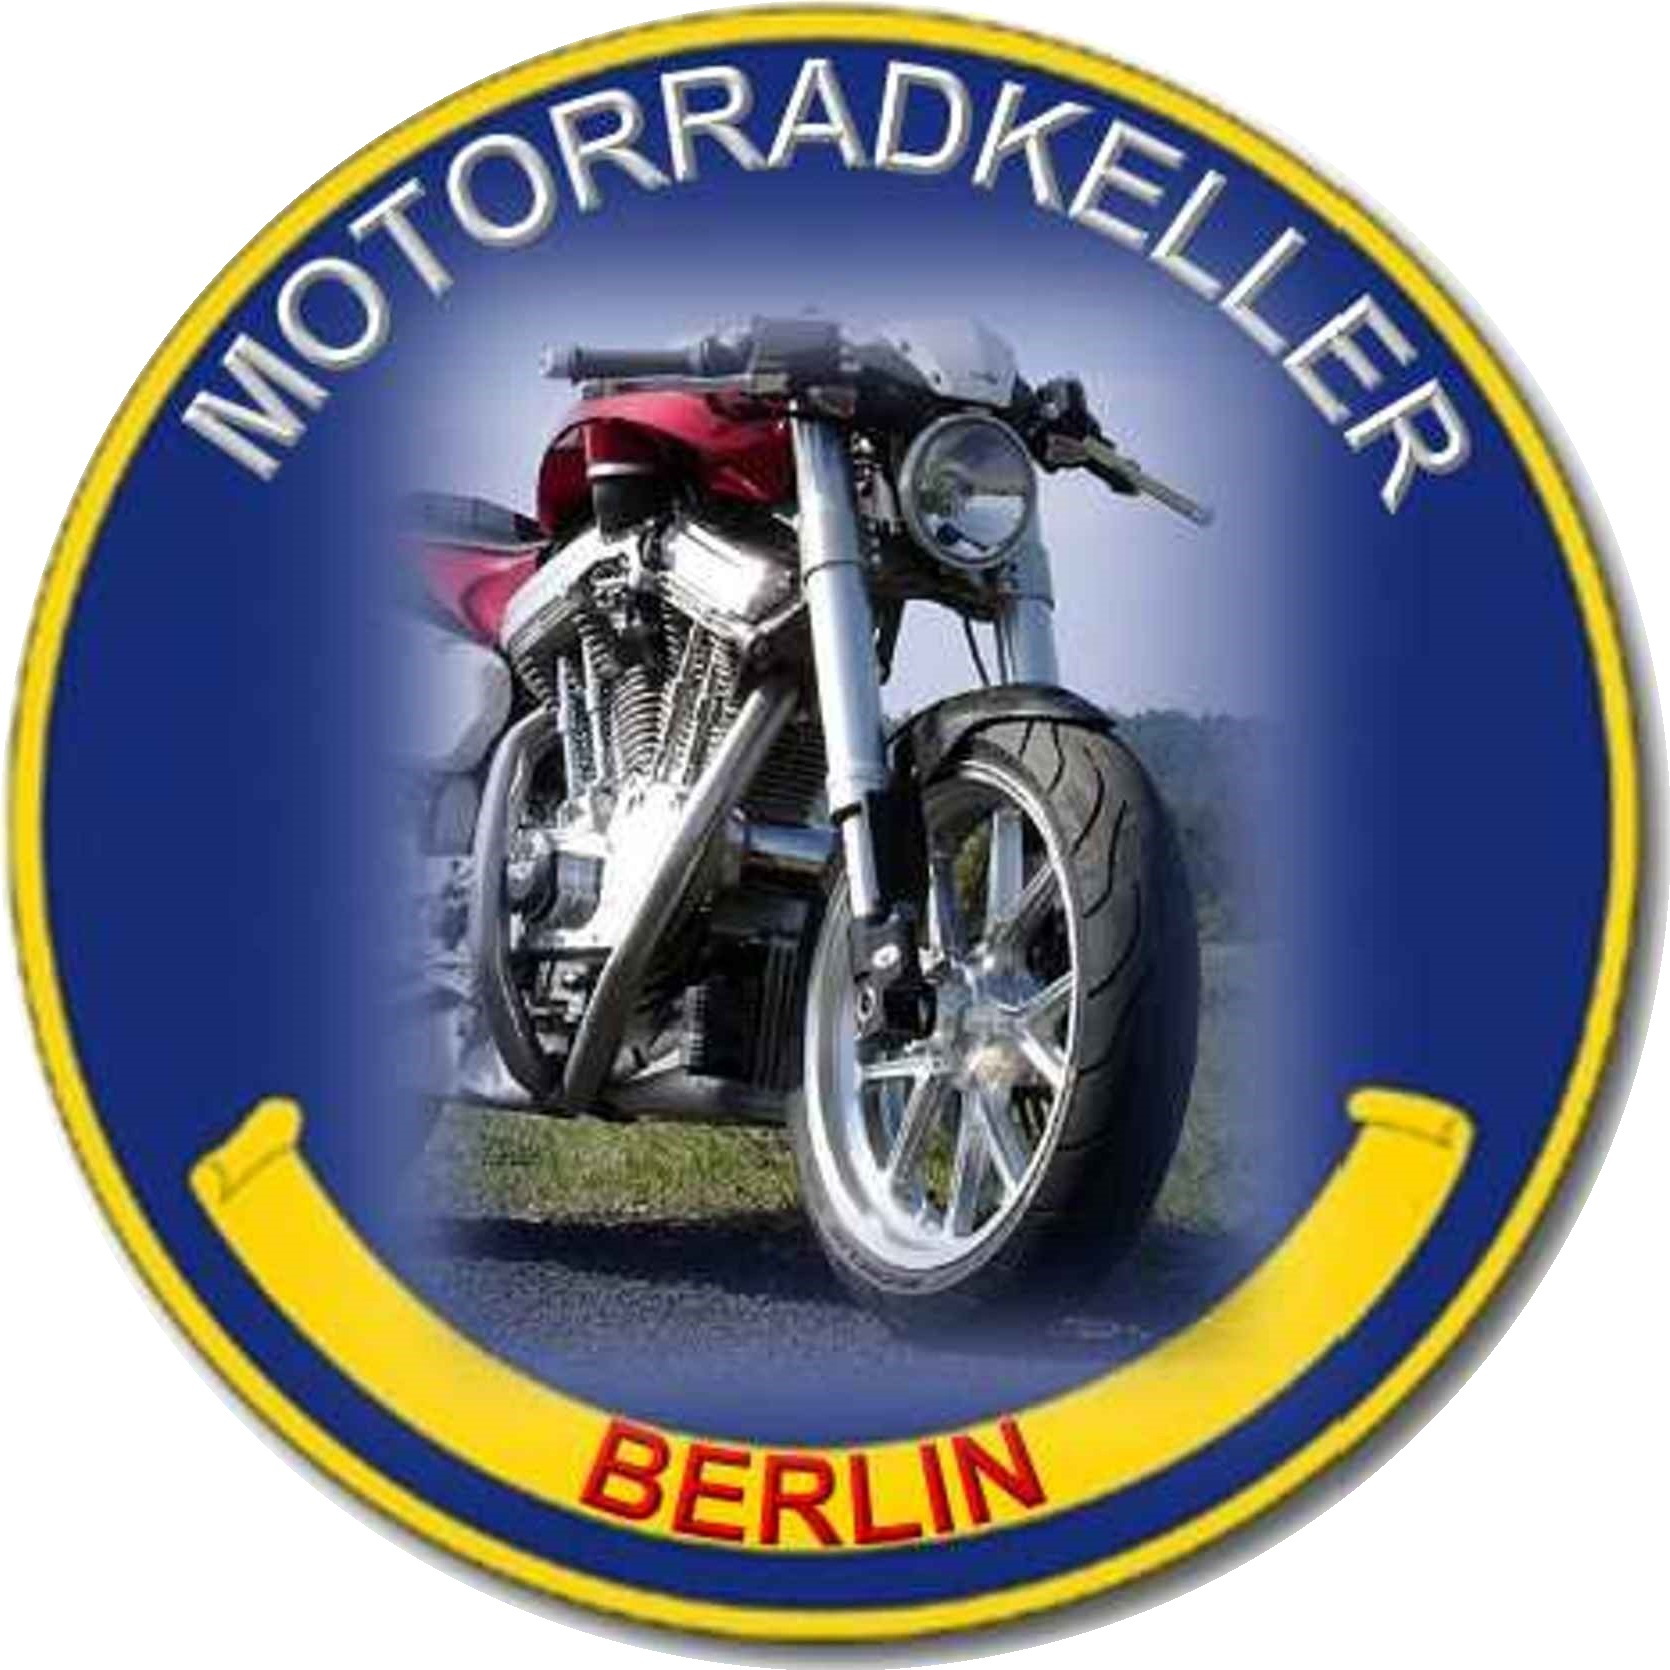 Motorradkeller - Ihre freie Motorradwerkstatt in Berlin